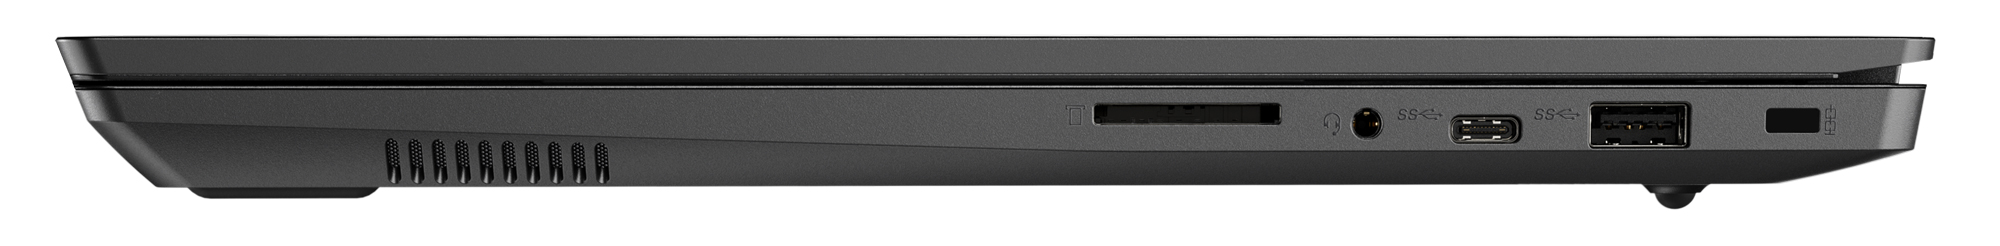 Фото  Ноутбук Lenovo V330-14 Grey (81B0008JRA)